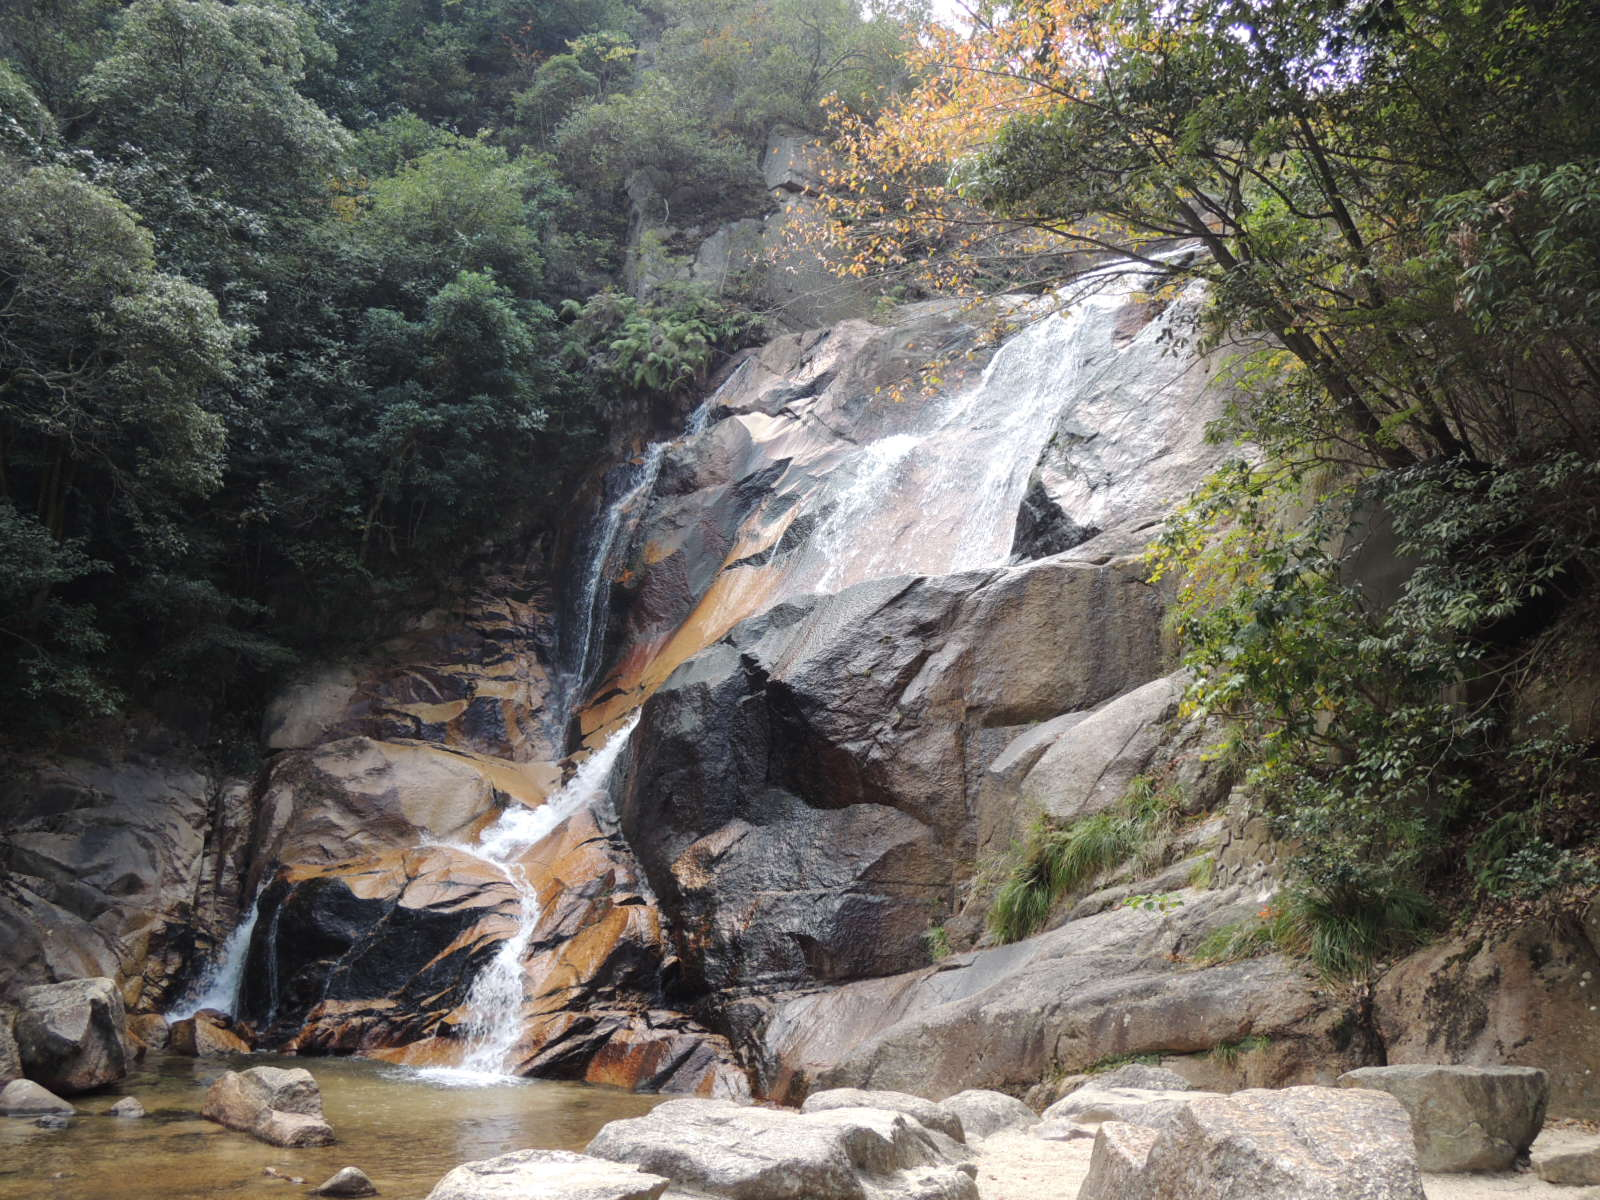 妹背の滝は地元で有名な水遊びスポット!アクセスは?釣り堀・そうめんが楽しめる